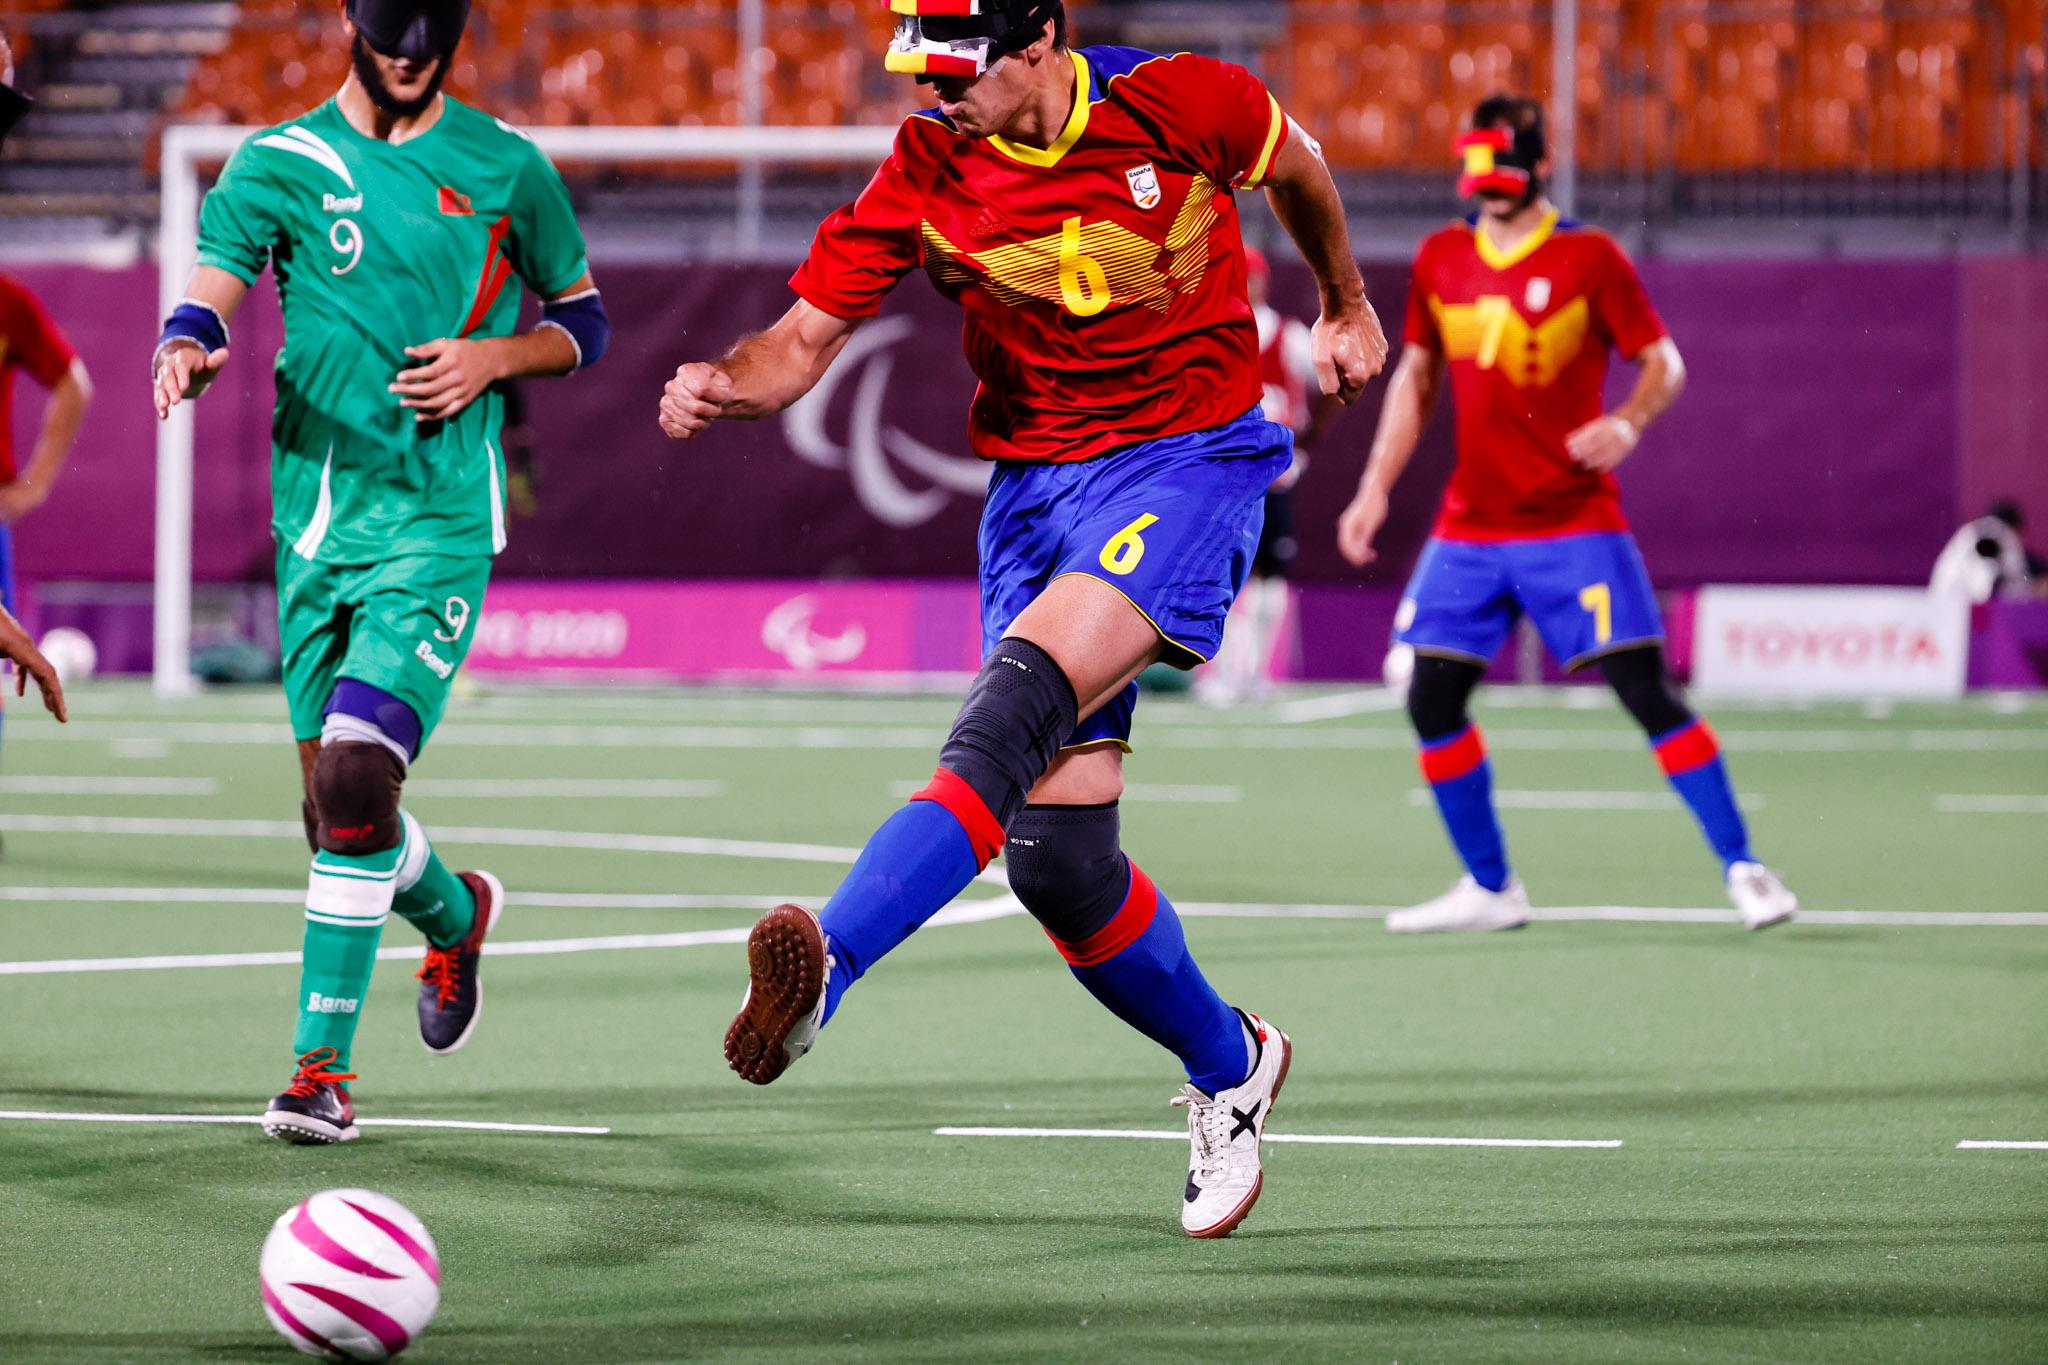 La selección española de fútbol 5. Fuente: Mikael Helsing / CPE.